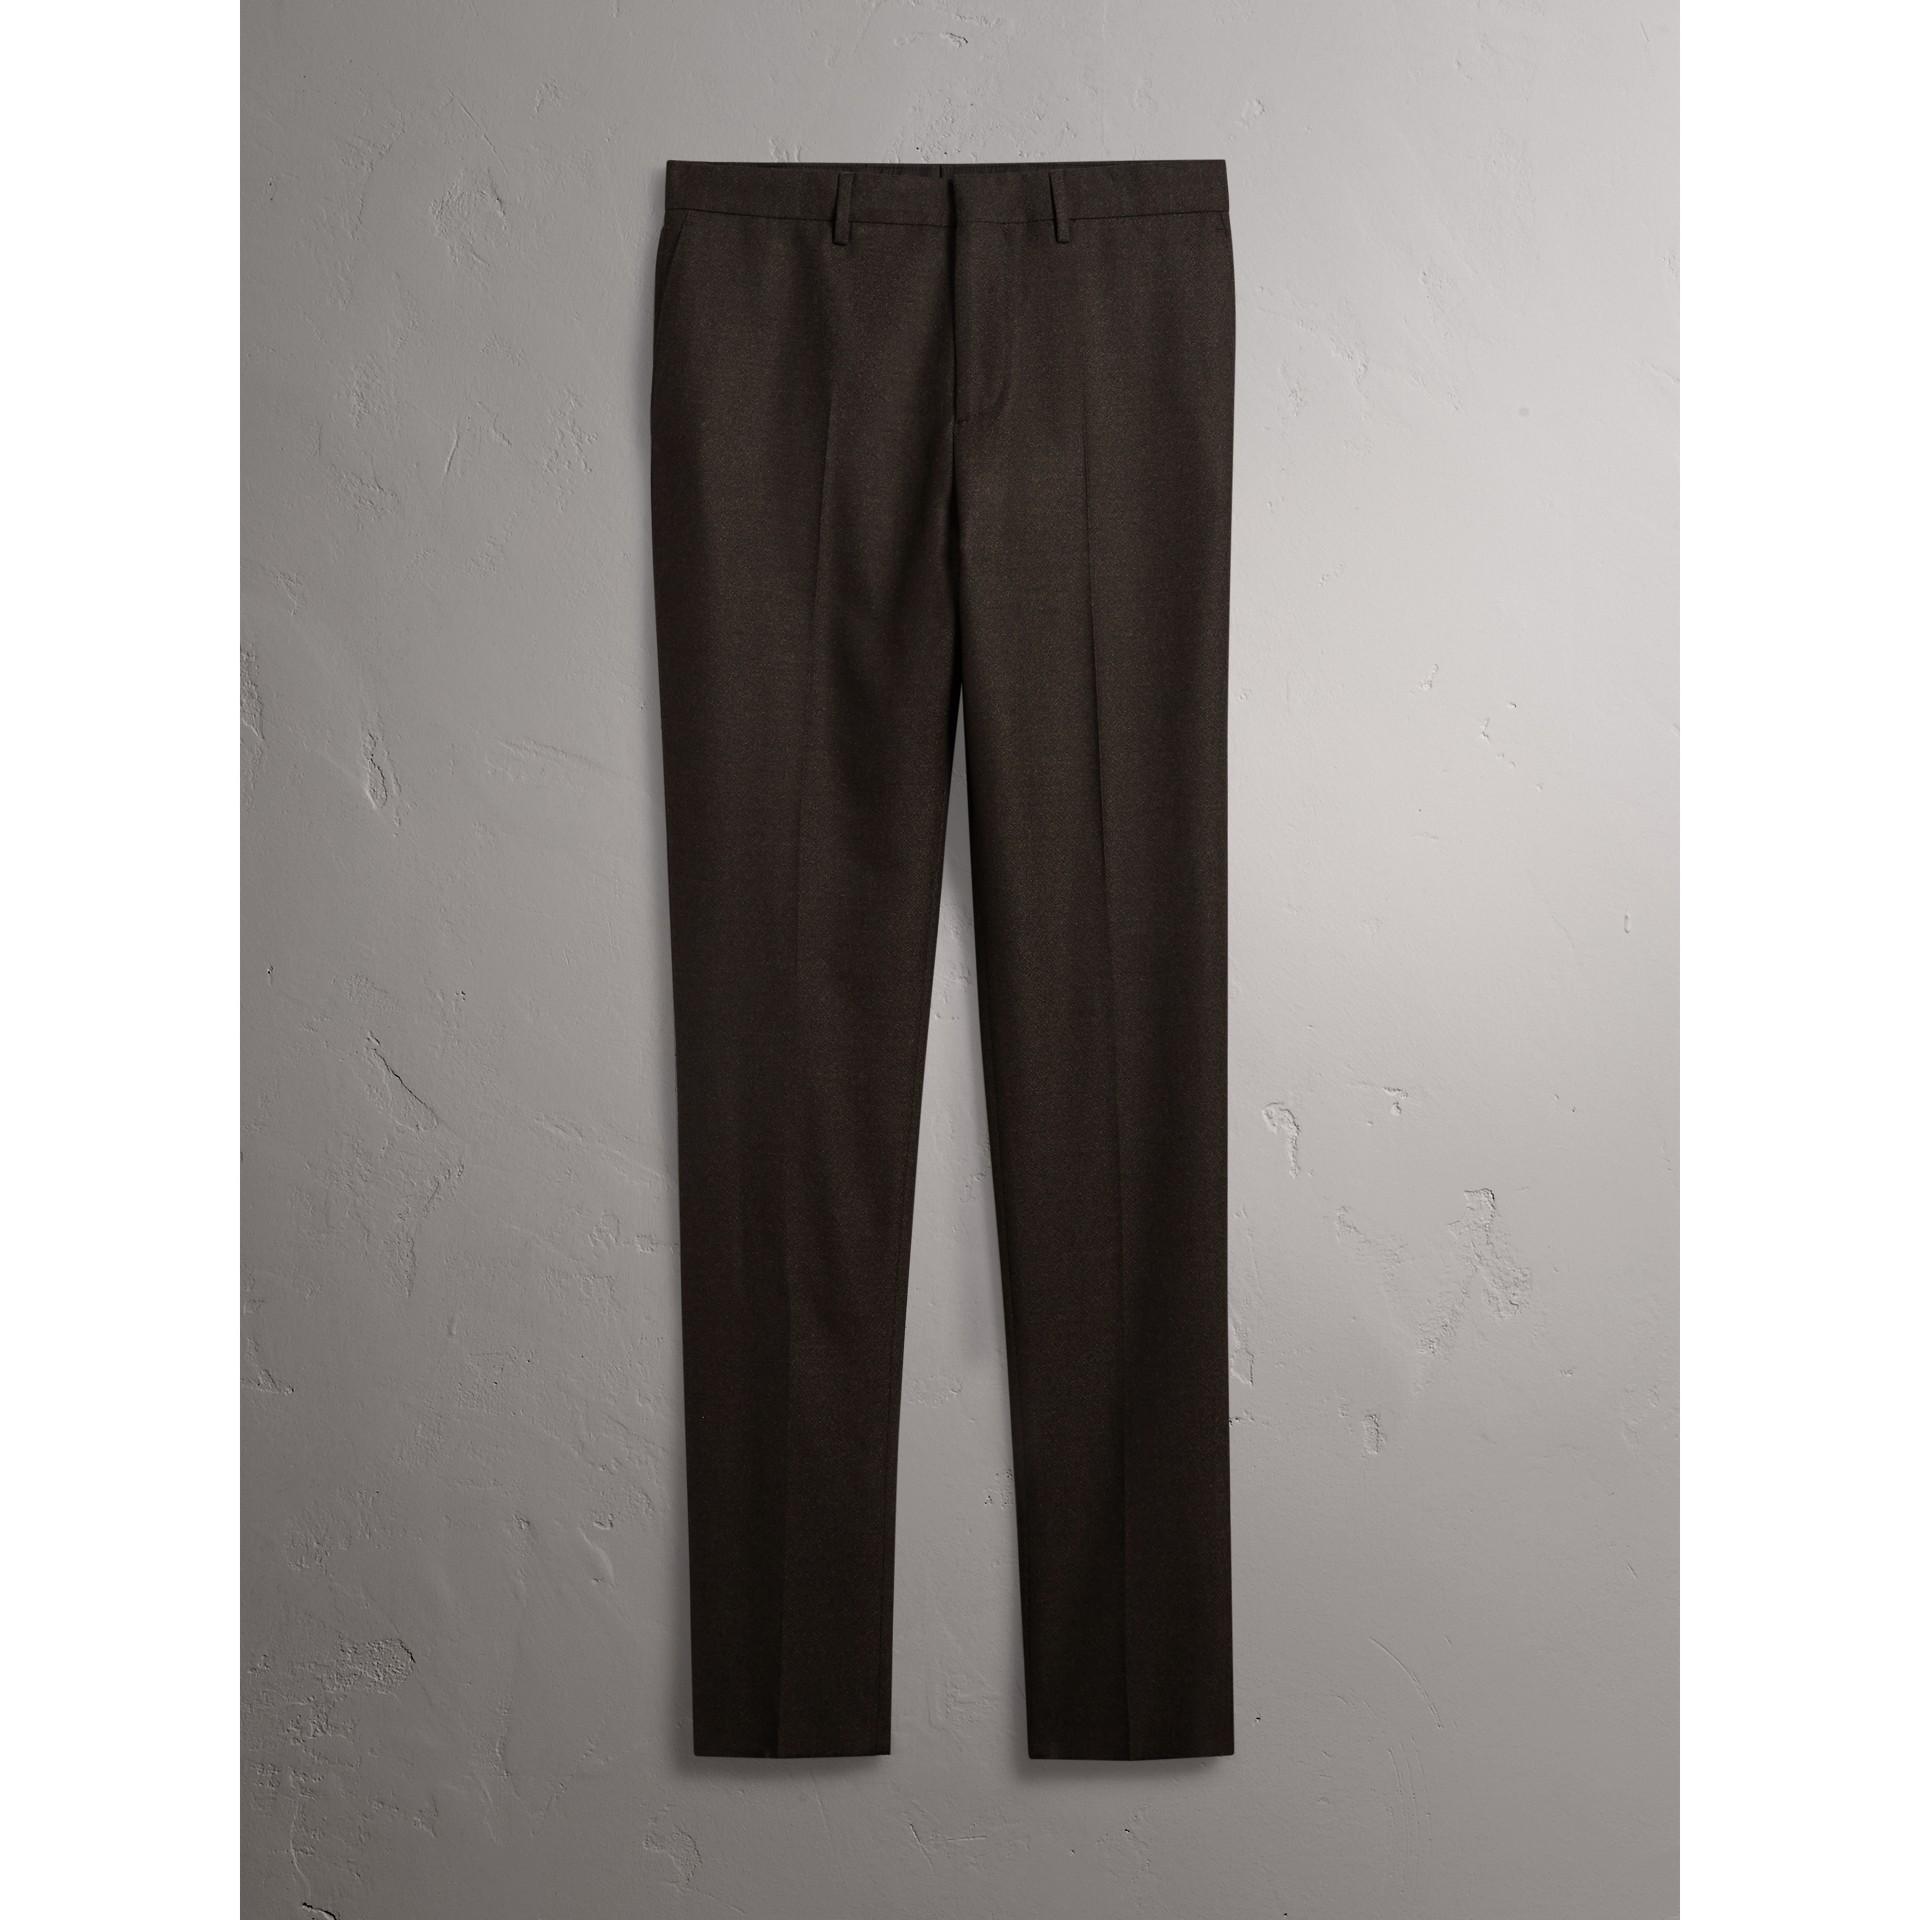 Traje de corte Soho en franela de lana (Mezcla  Ver Militar) - Hombre | Burberry - imagen de la galería 9